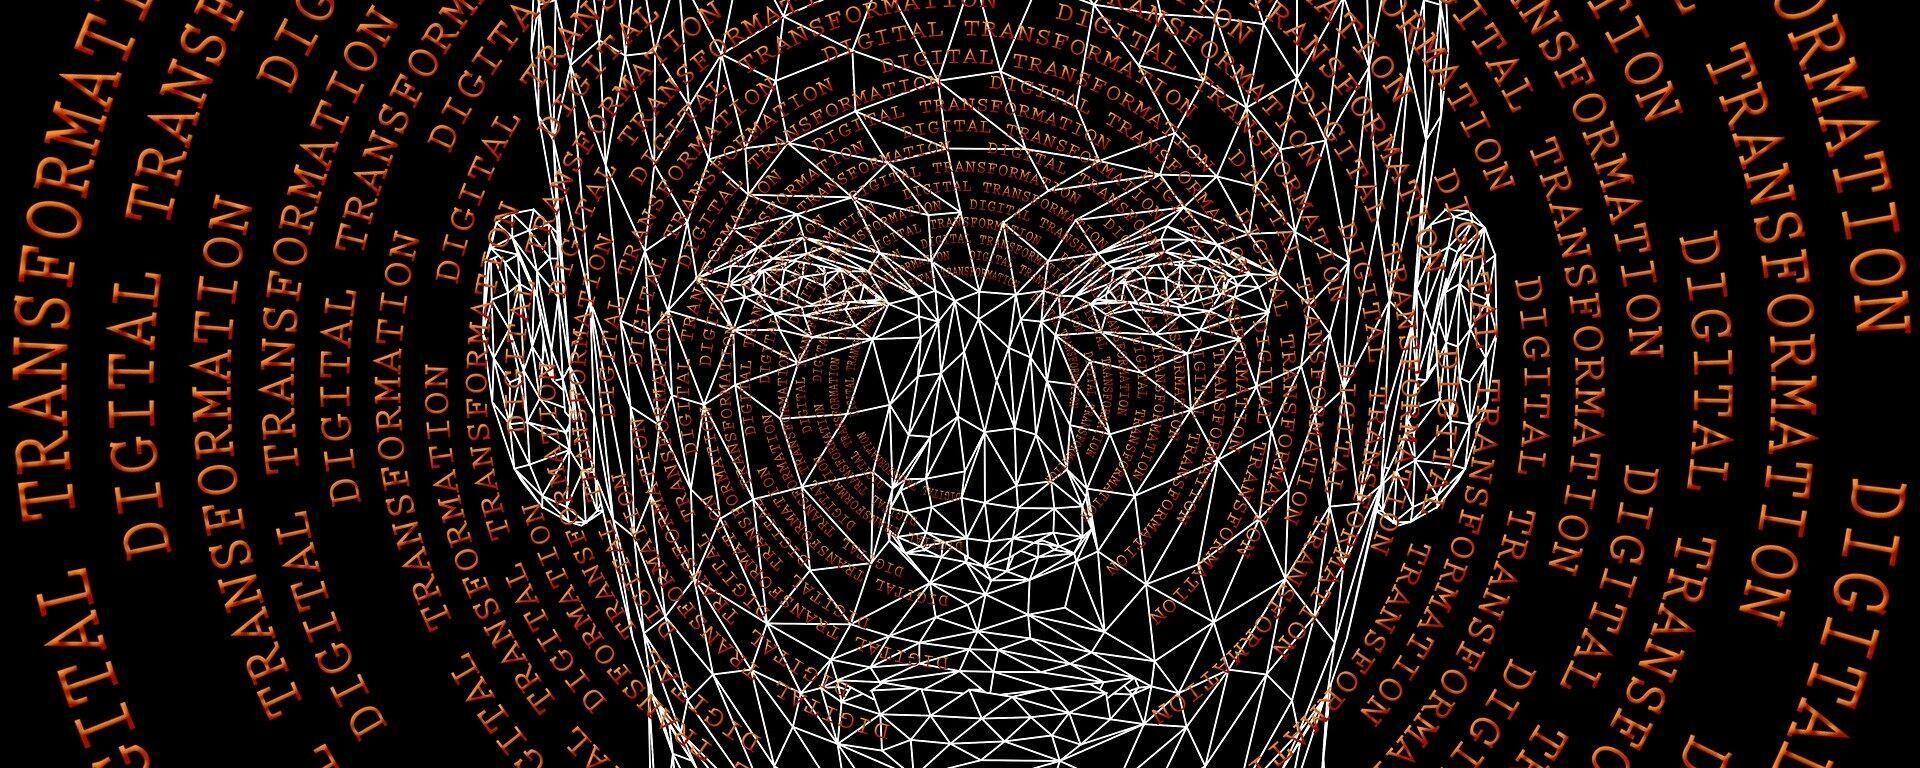 Digitale Transformation (Symbolbild) - SNA, 1920, 04.08.2021